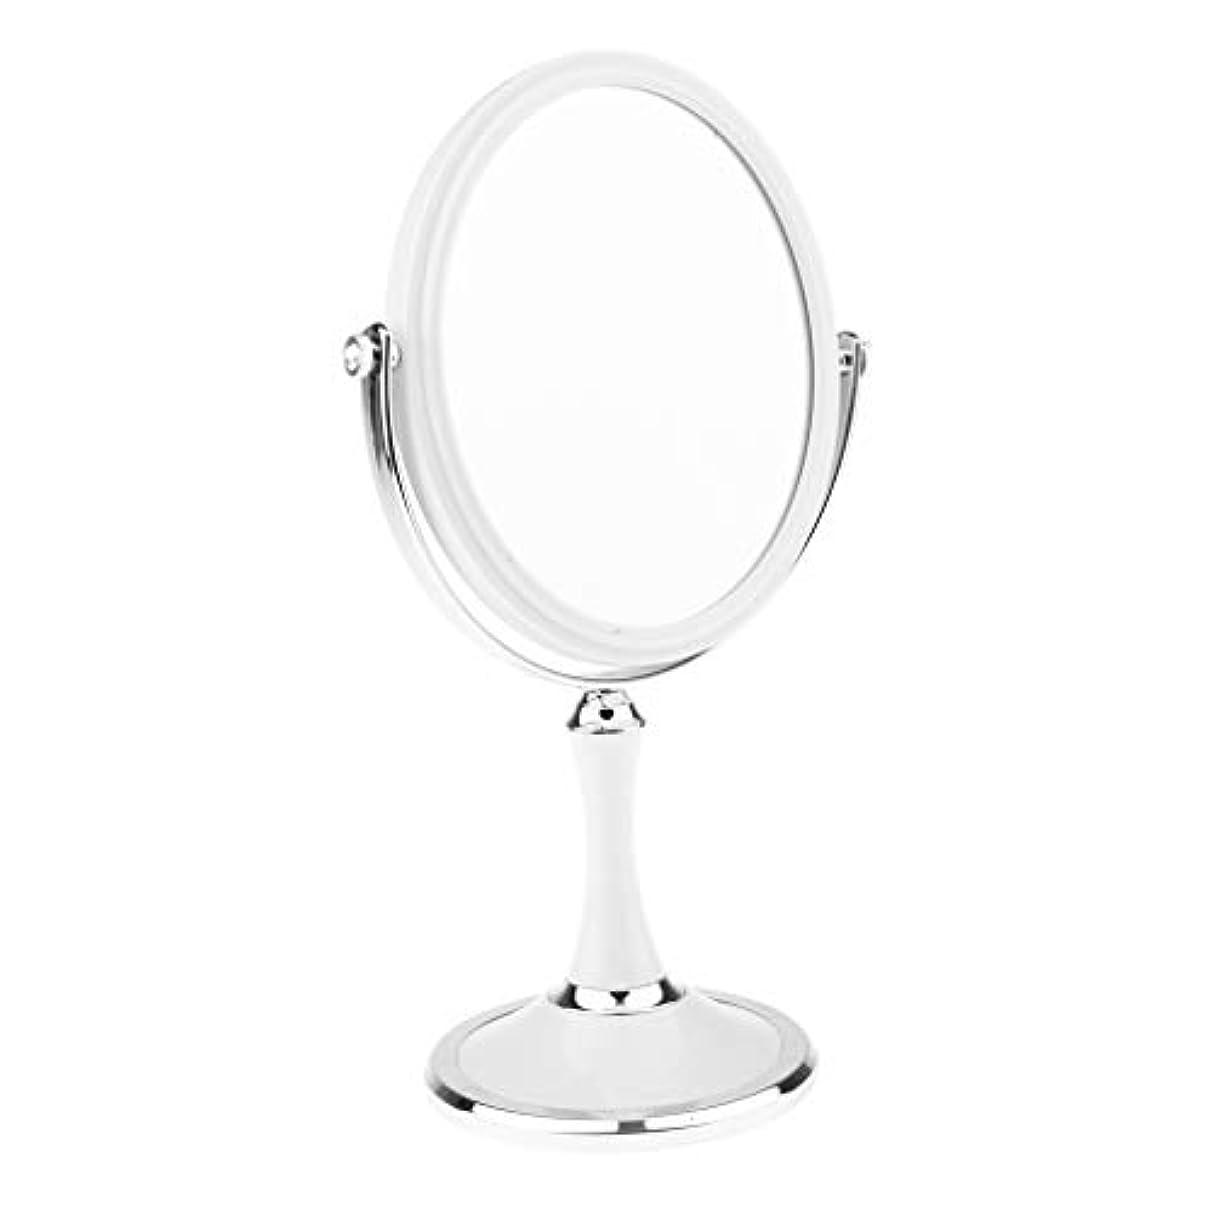 地球消すカロリーCUTICATE 両面化粧鏡 化粧ミラー 化粧鏡 メイクミラー 拡大鏡 2色選択 - 楕円形